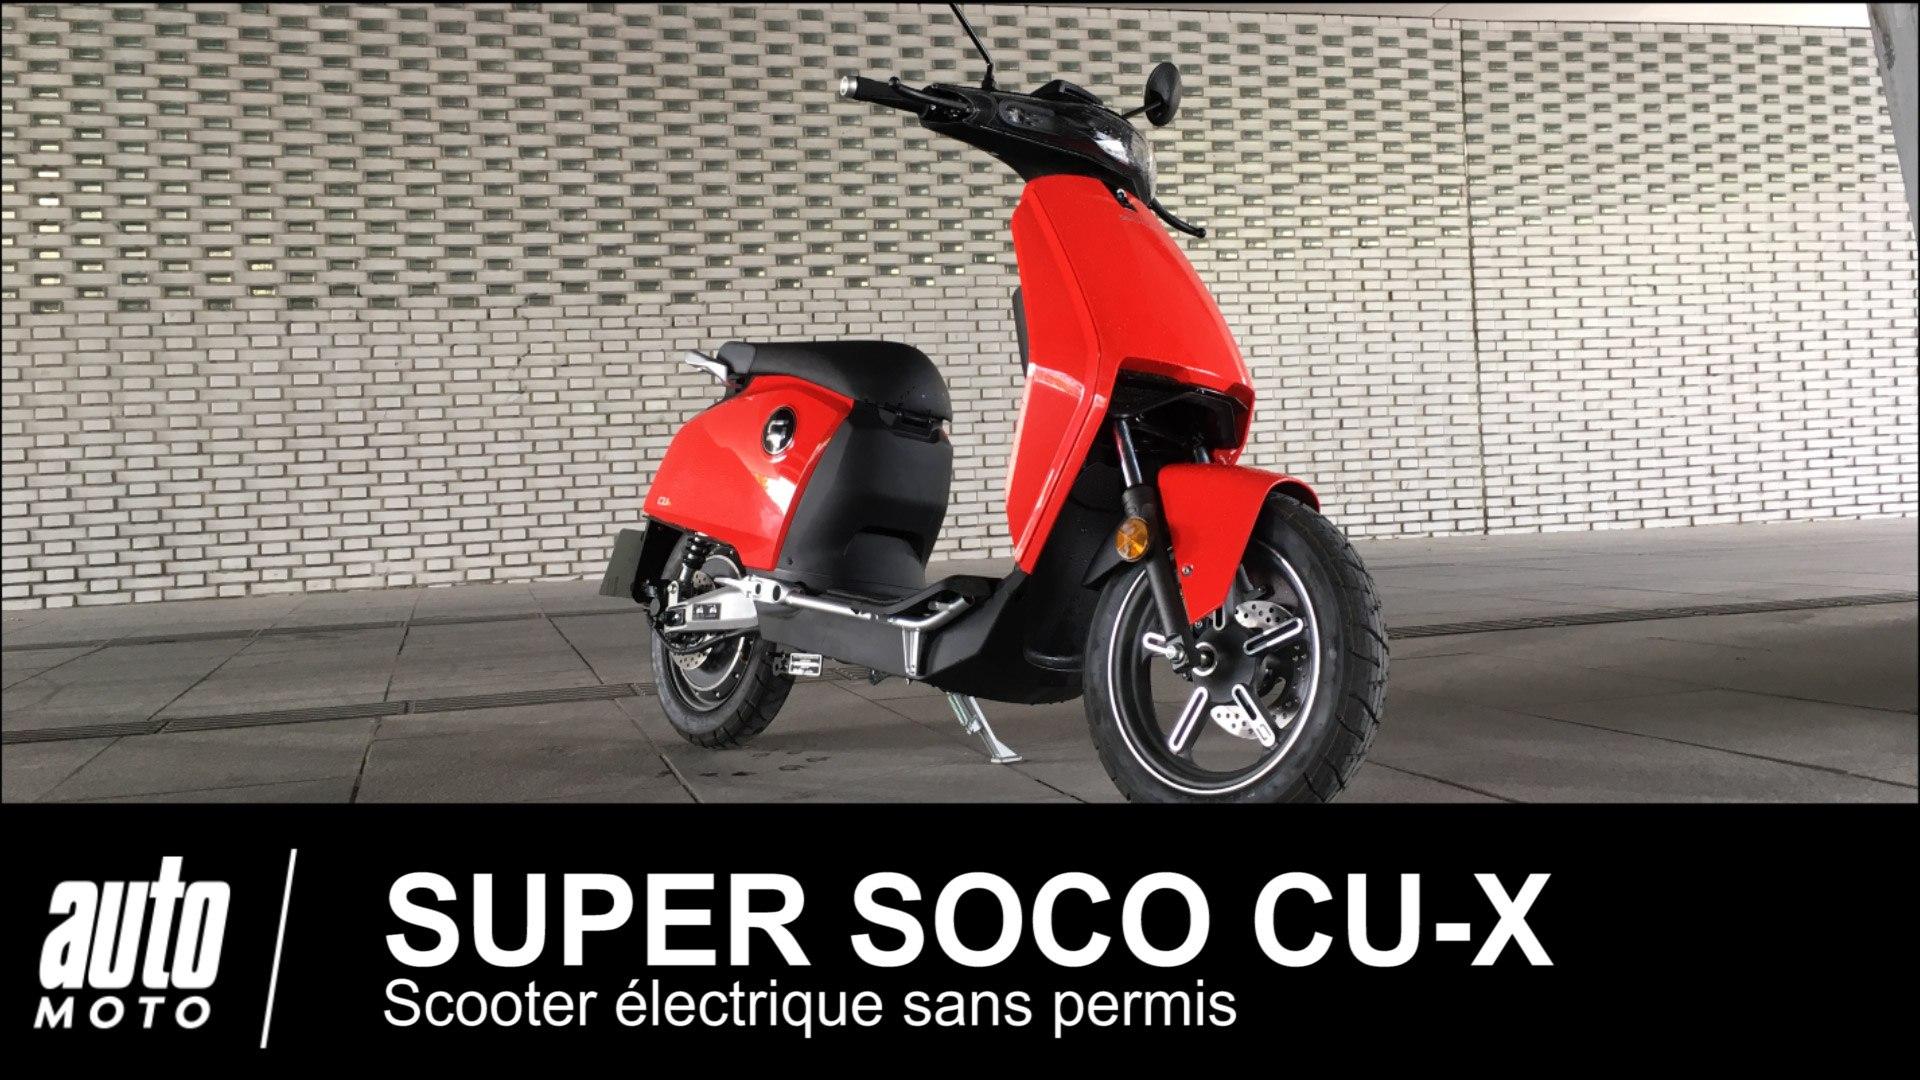 Super Soco CU-X ESSAI du scooter électrique